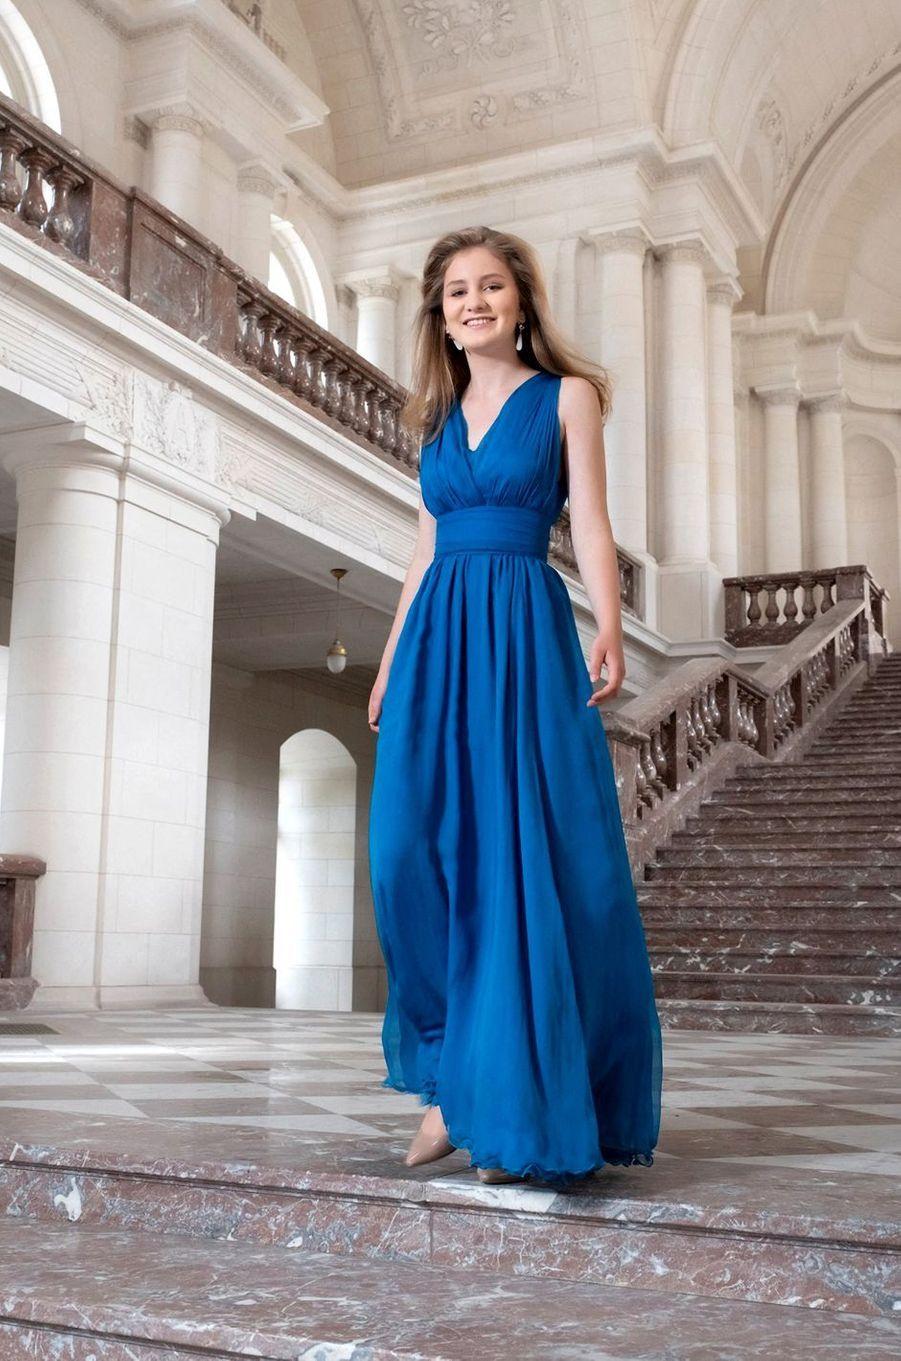 La princesse Elisabeth de Belgique sur l'une des photos officielles de ses 18 ans, prise à l'été 2019